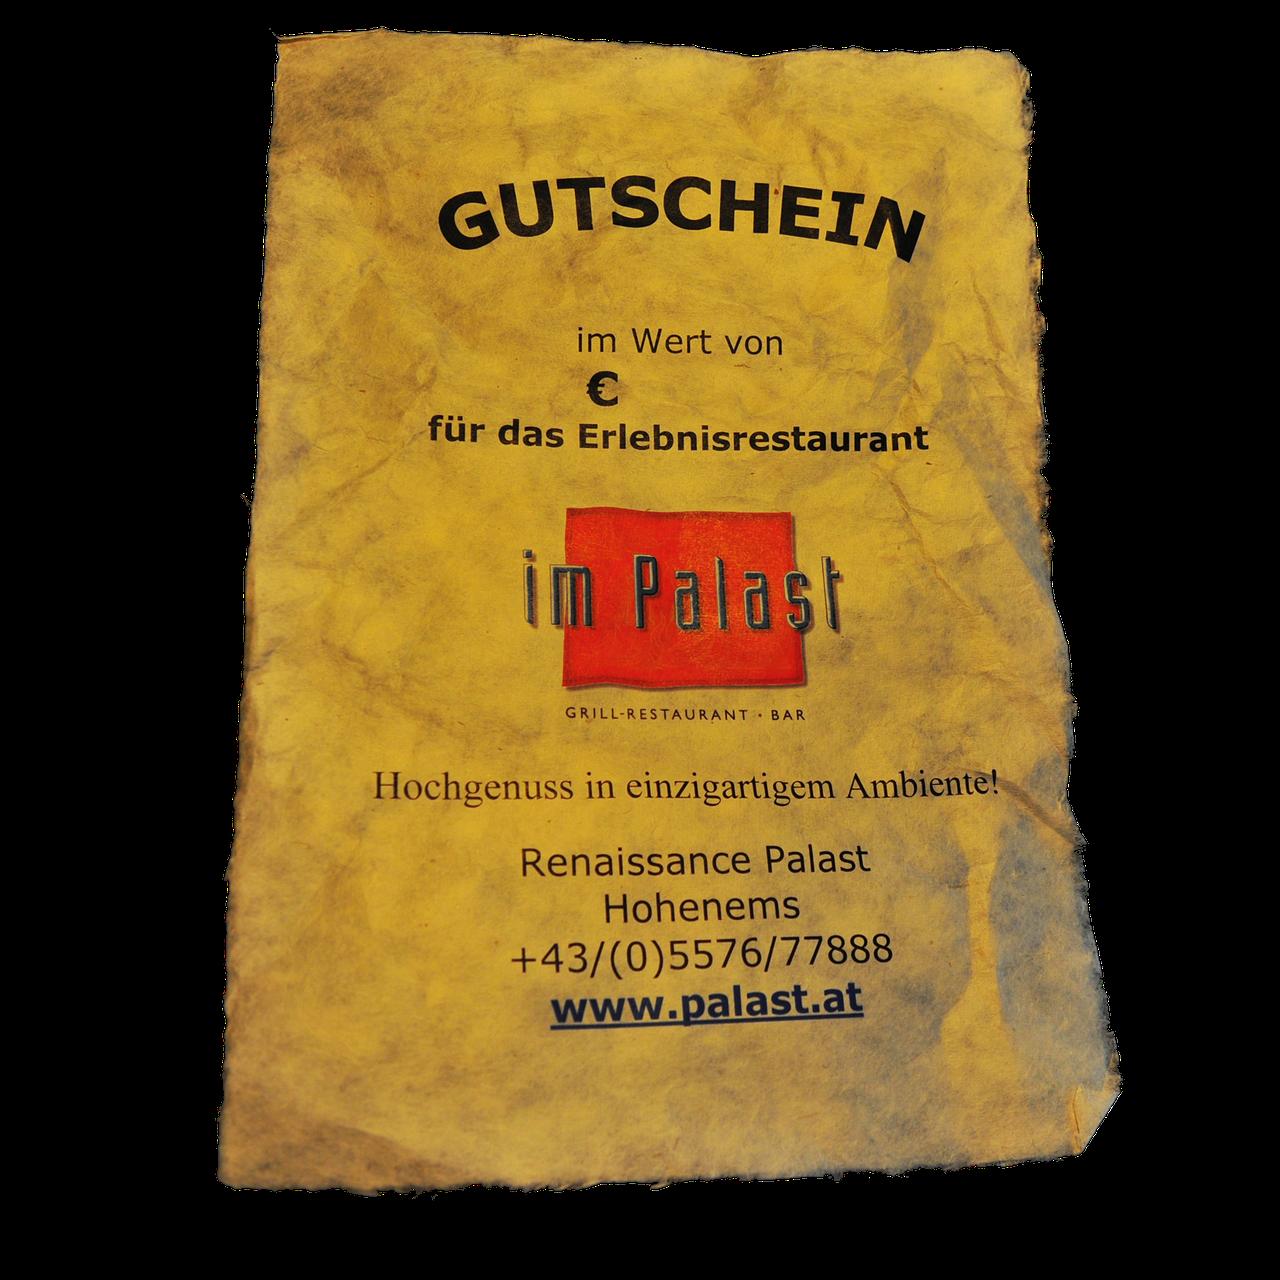 Siegfriedthaler Gutscheine Palast Erlebnis Gastronomie In Hohenems